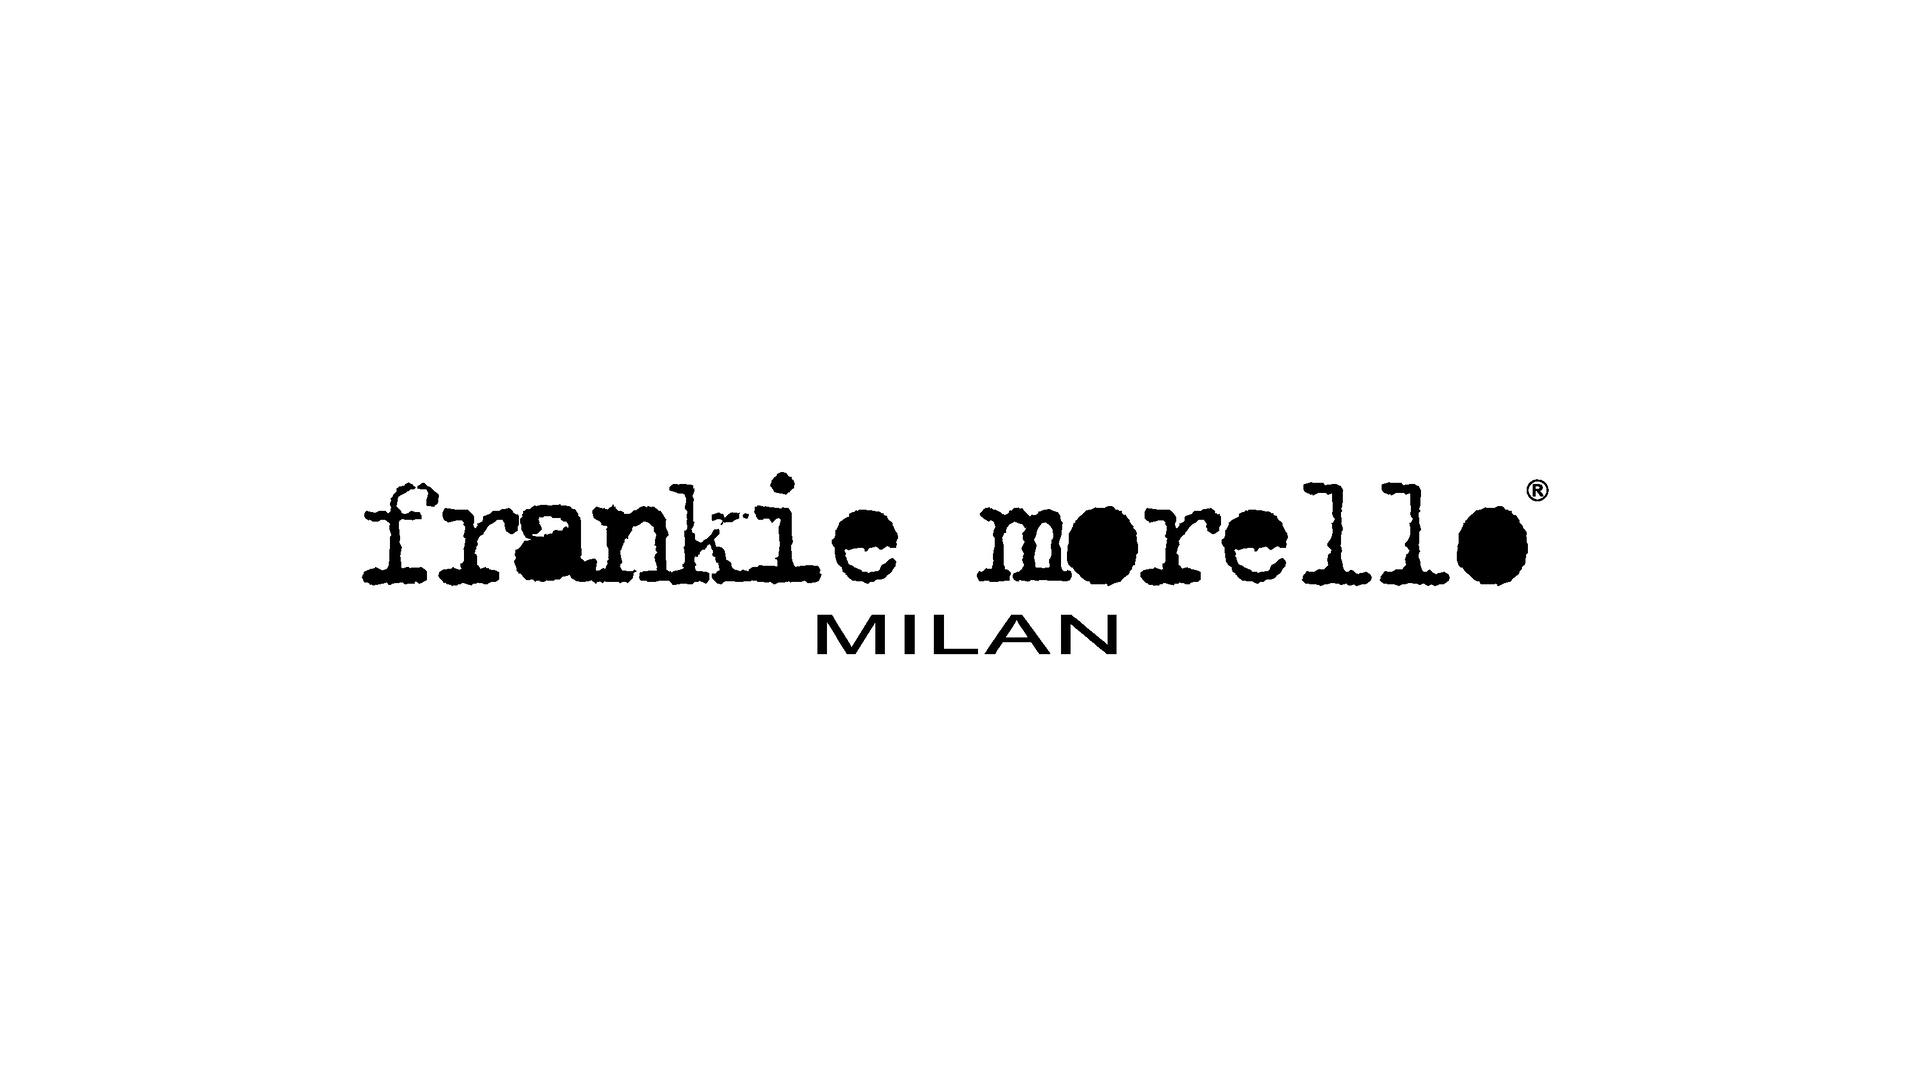 프랭키모렐로(FRANKIE MORELLO)